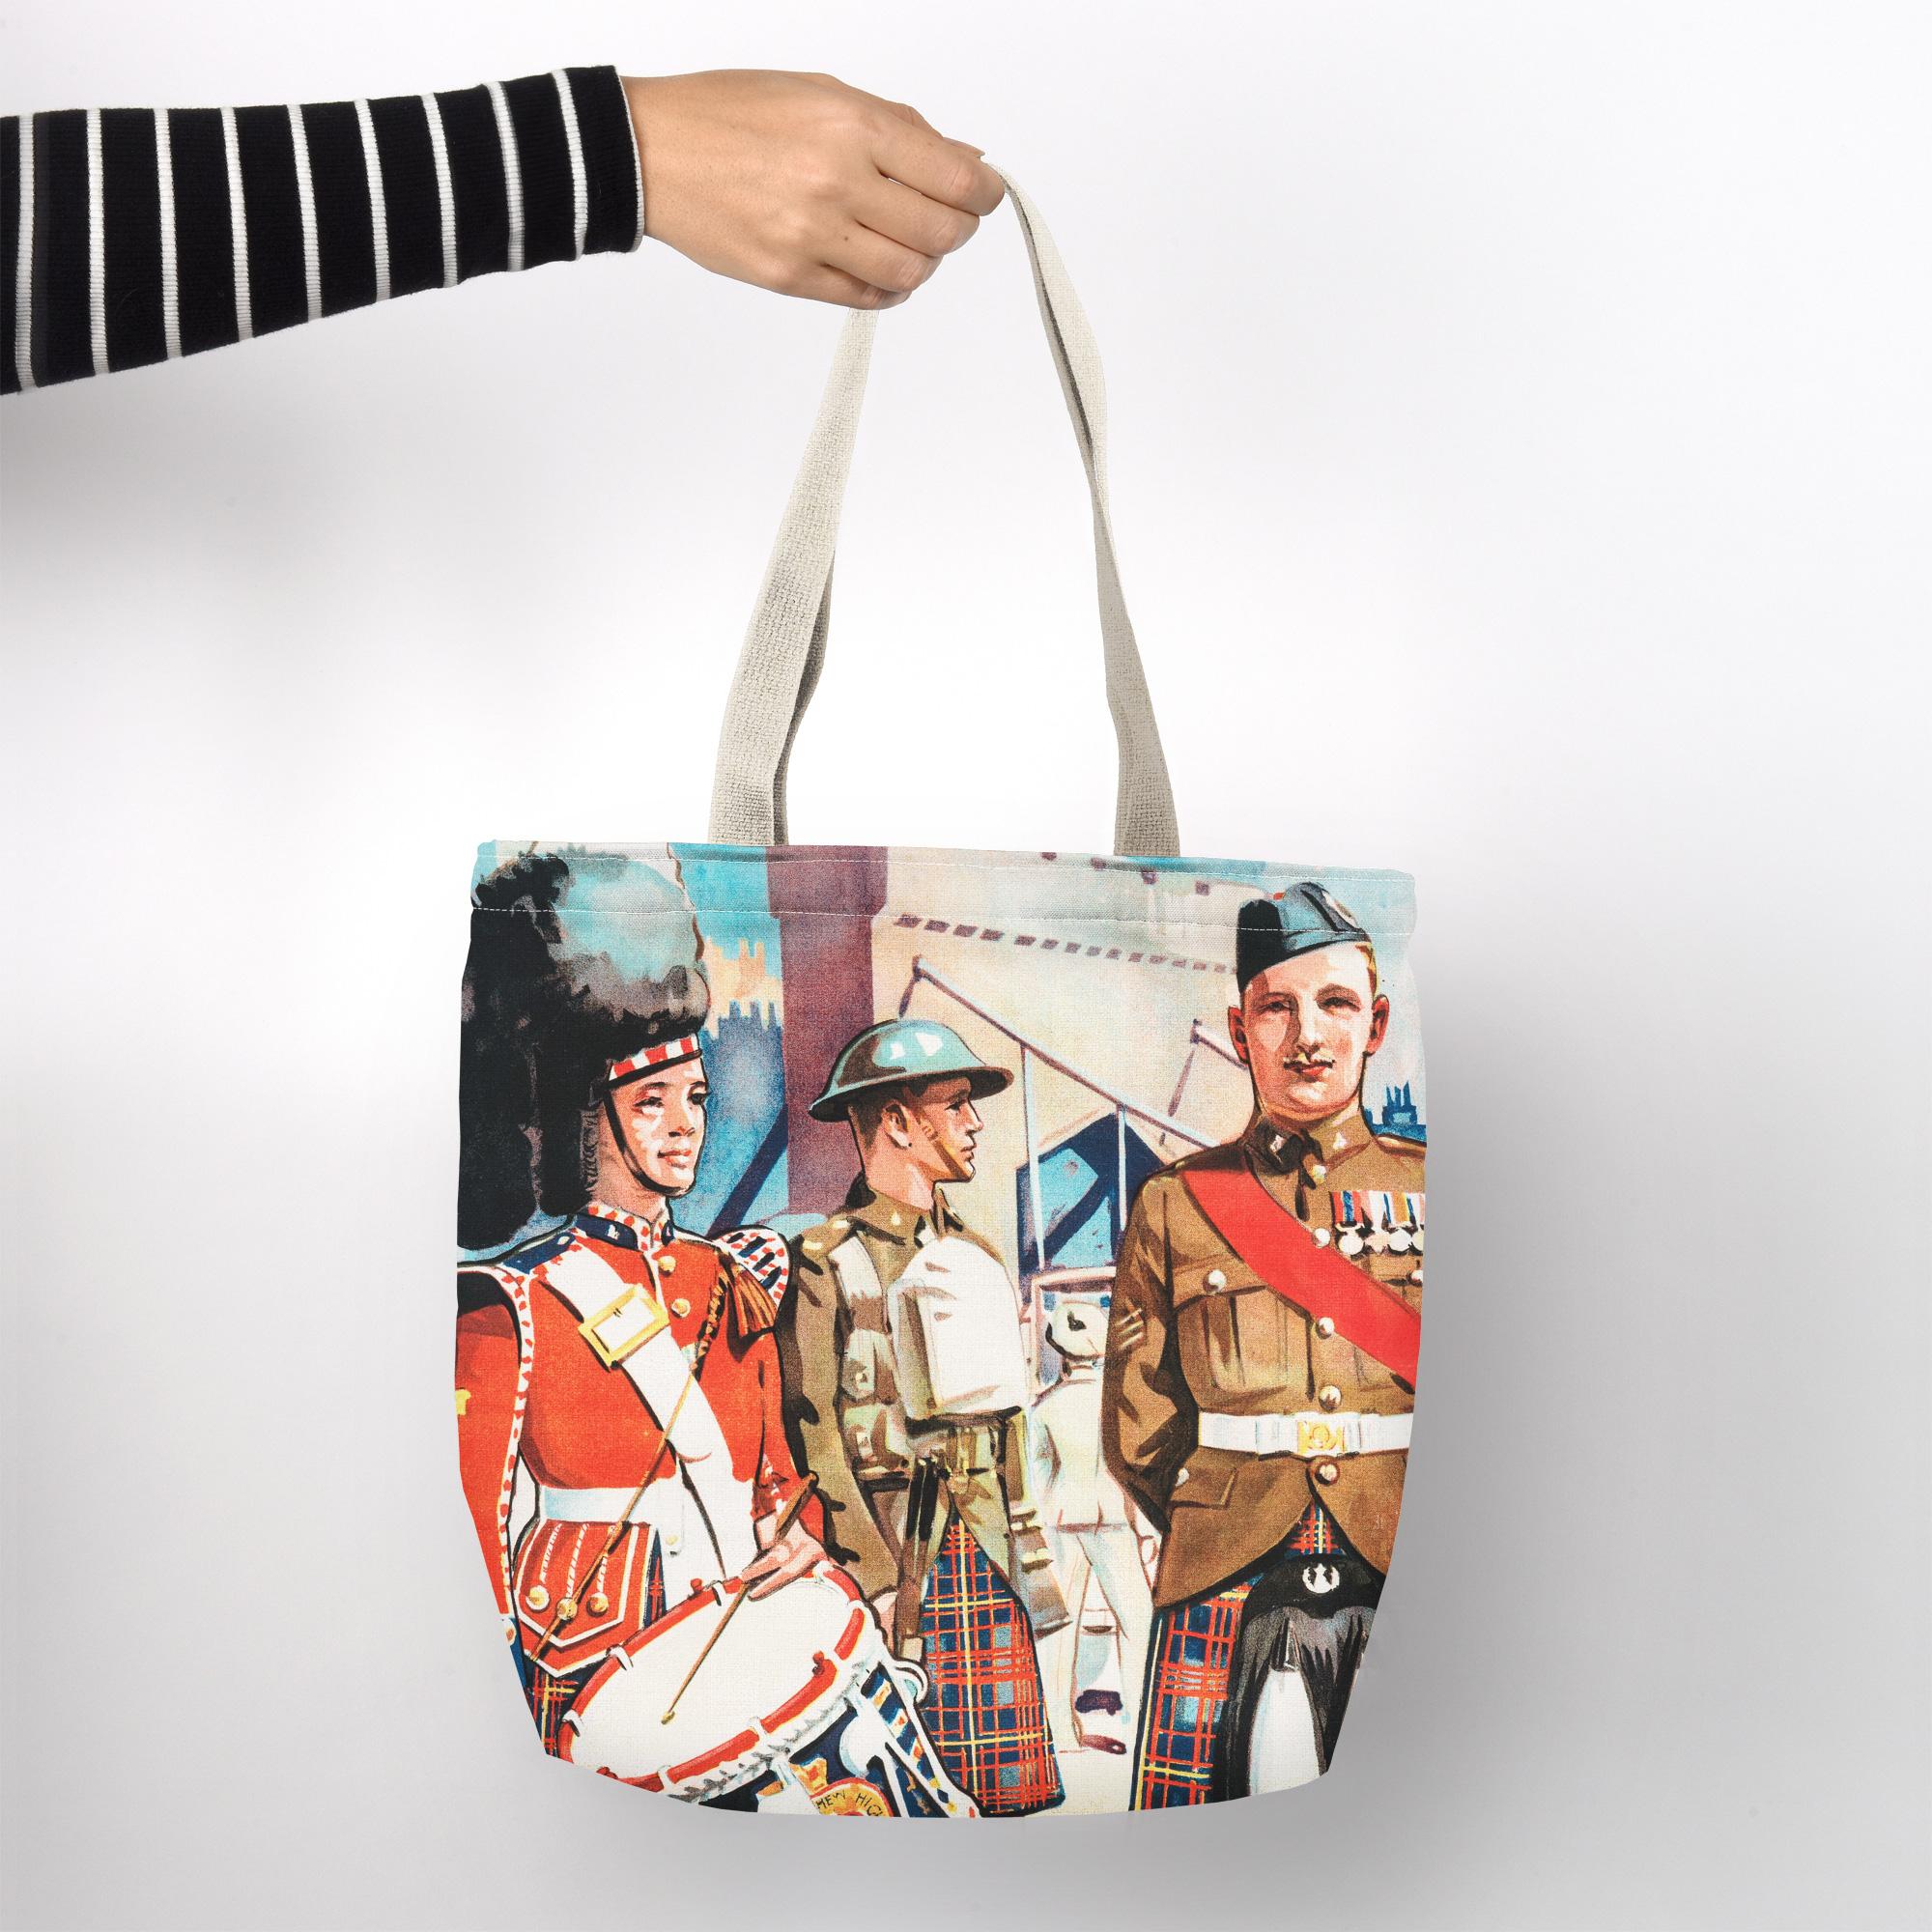 Shopper Bag - The Queen's Own Cameron Highlanders